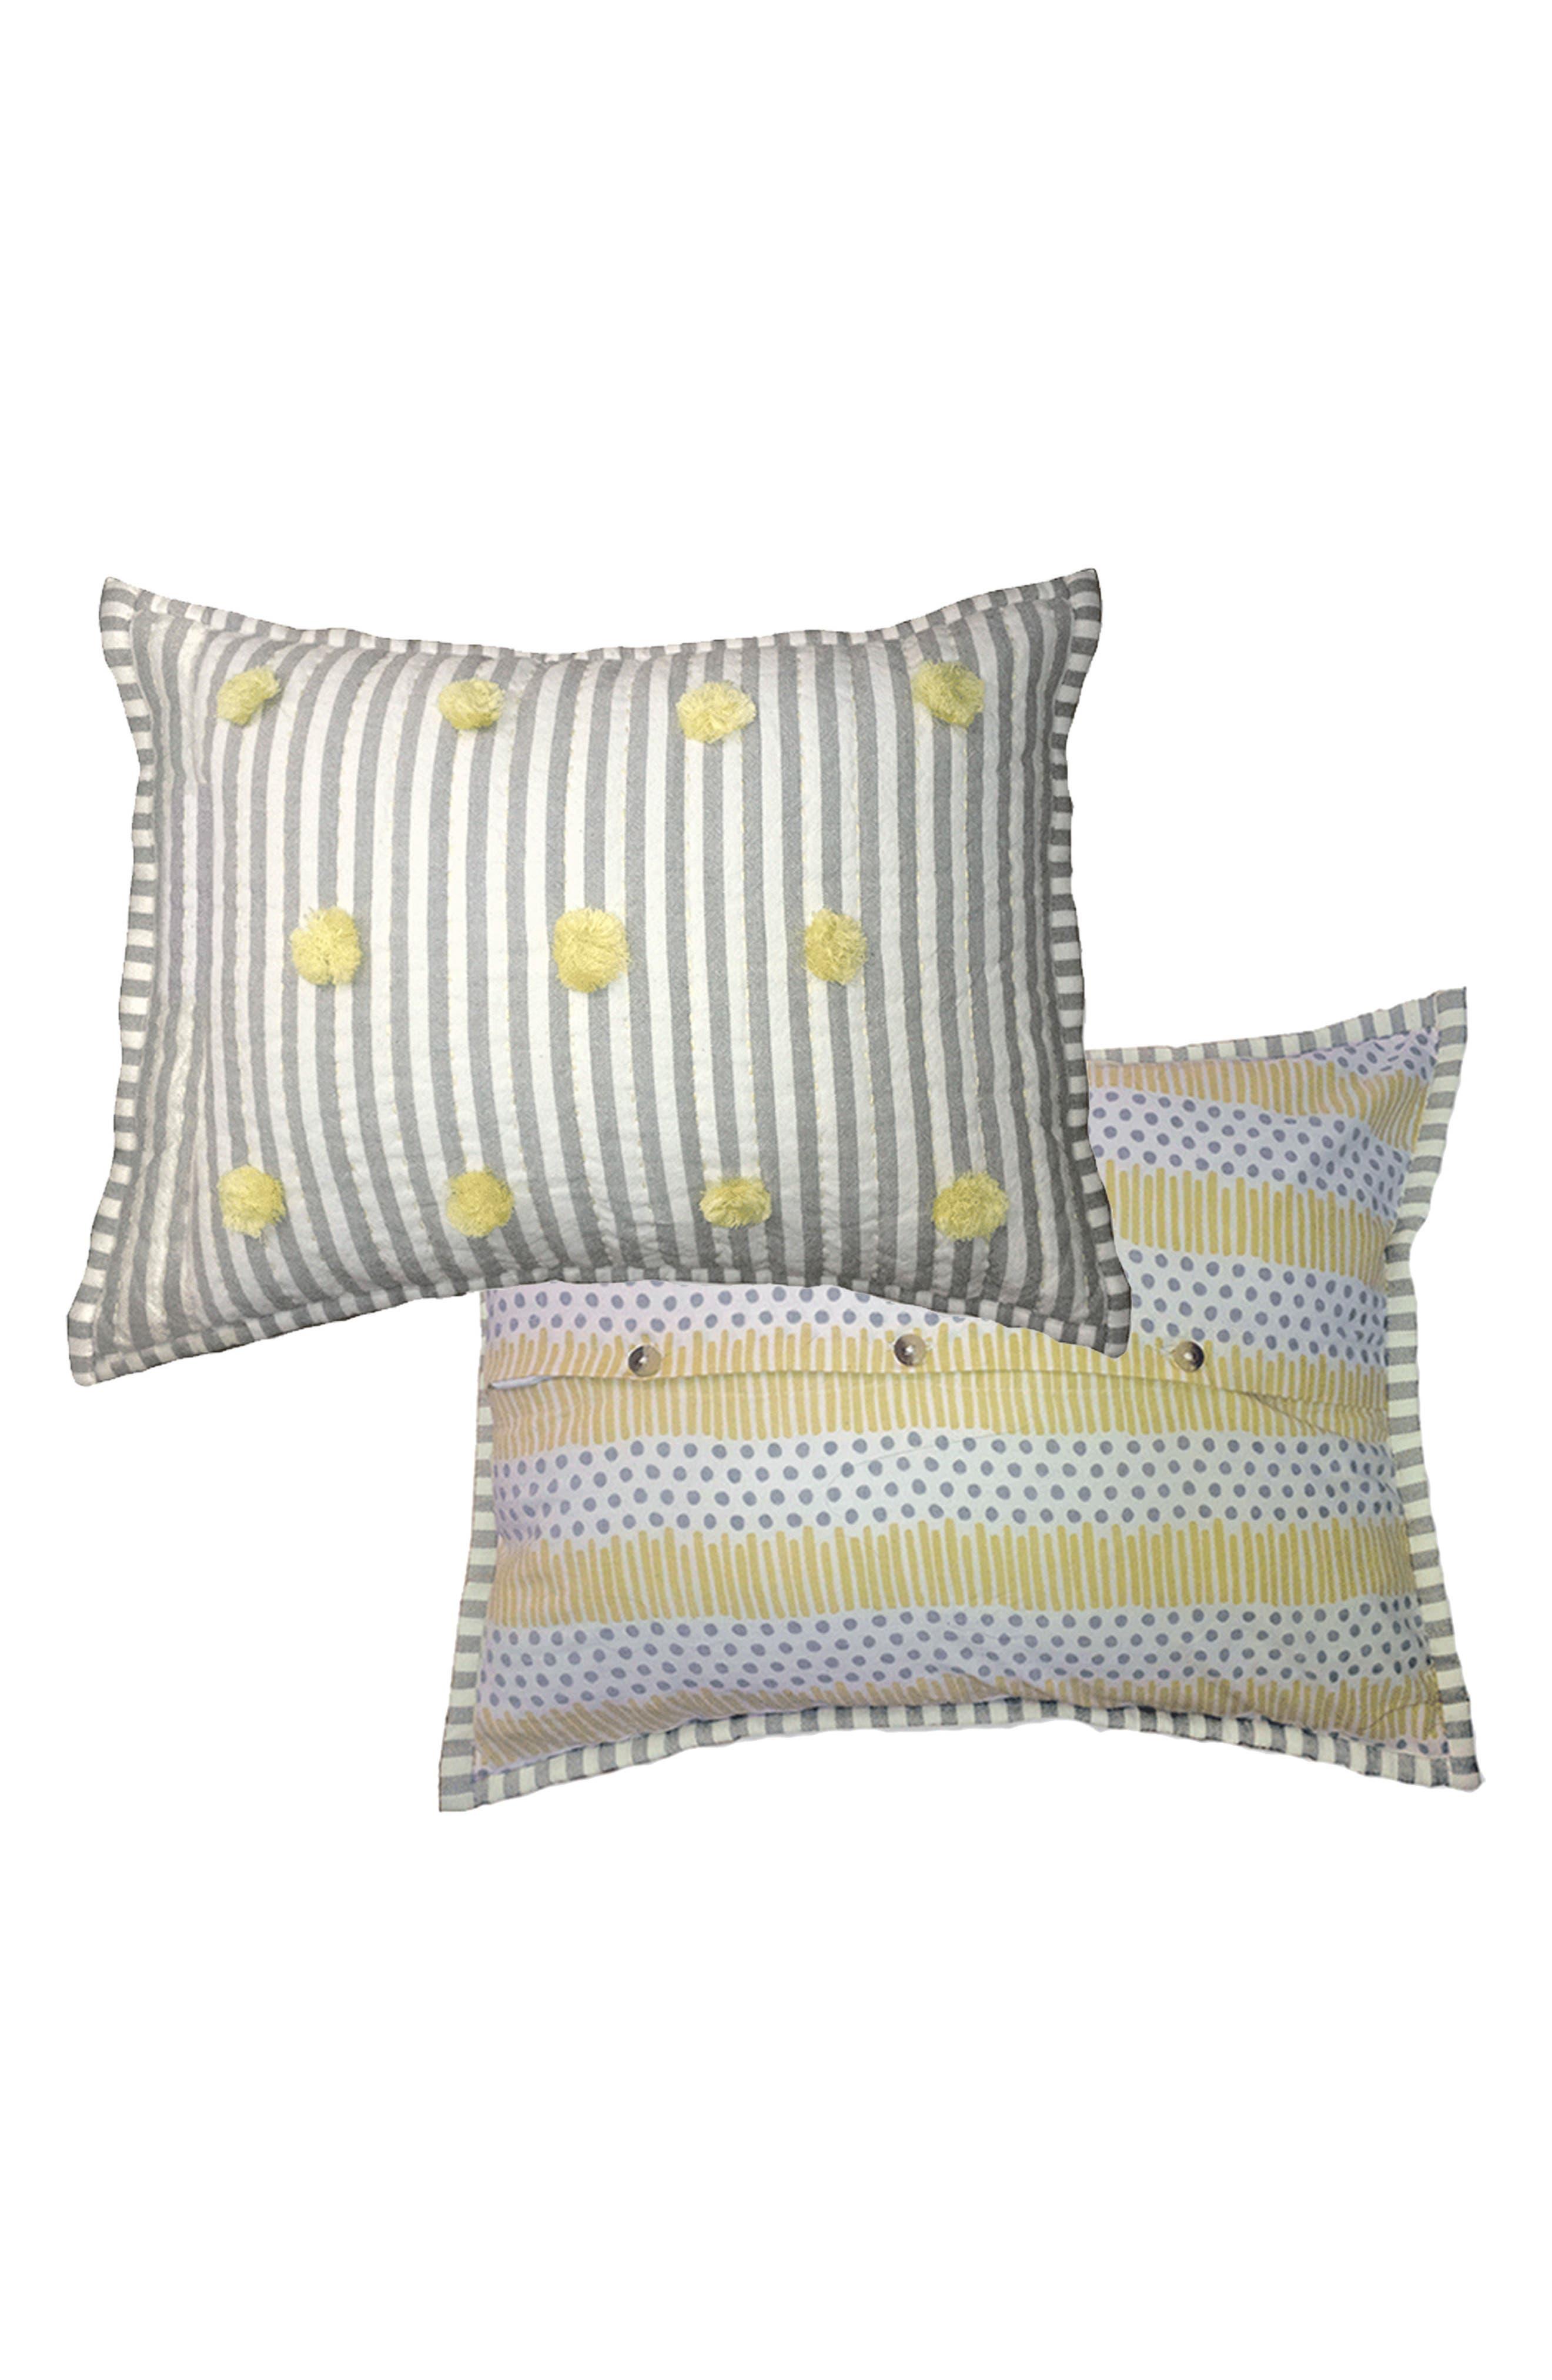 'Rest My Little Head' Cotton Pillow,                             Alternate thumbnail 2, color,                             020